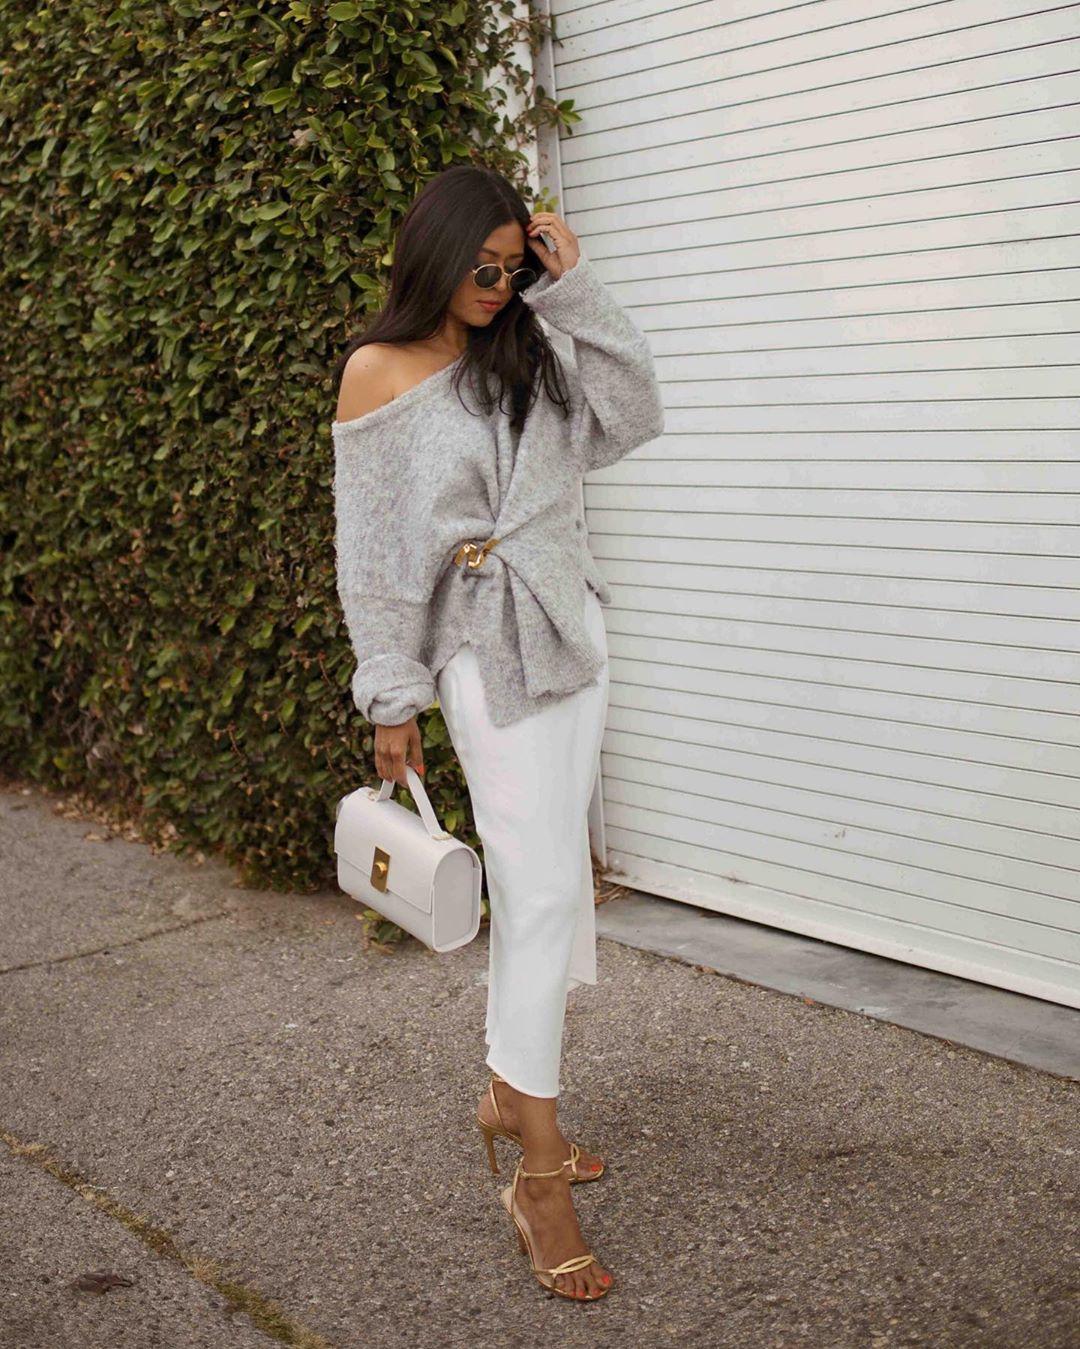 белая юбка 2020 фото 12